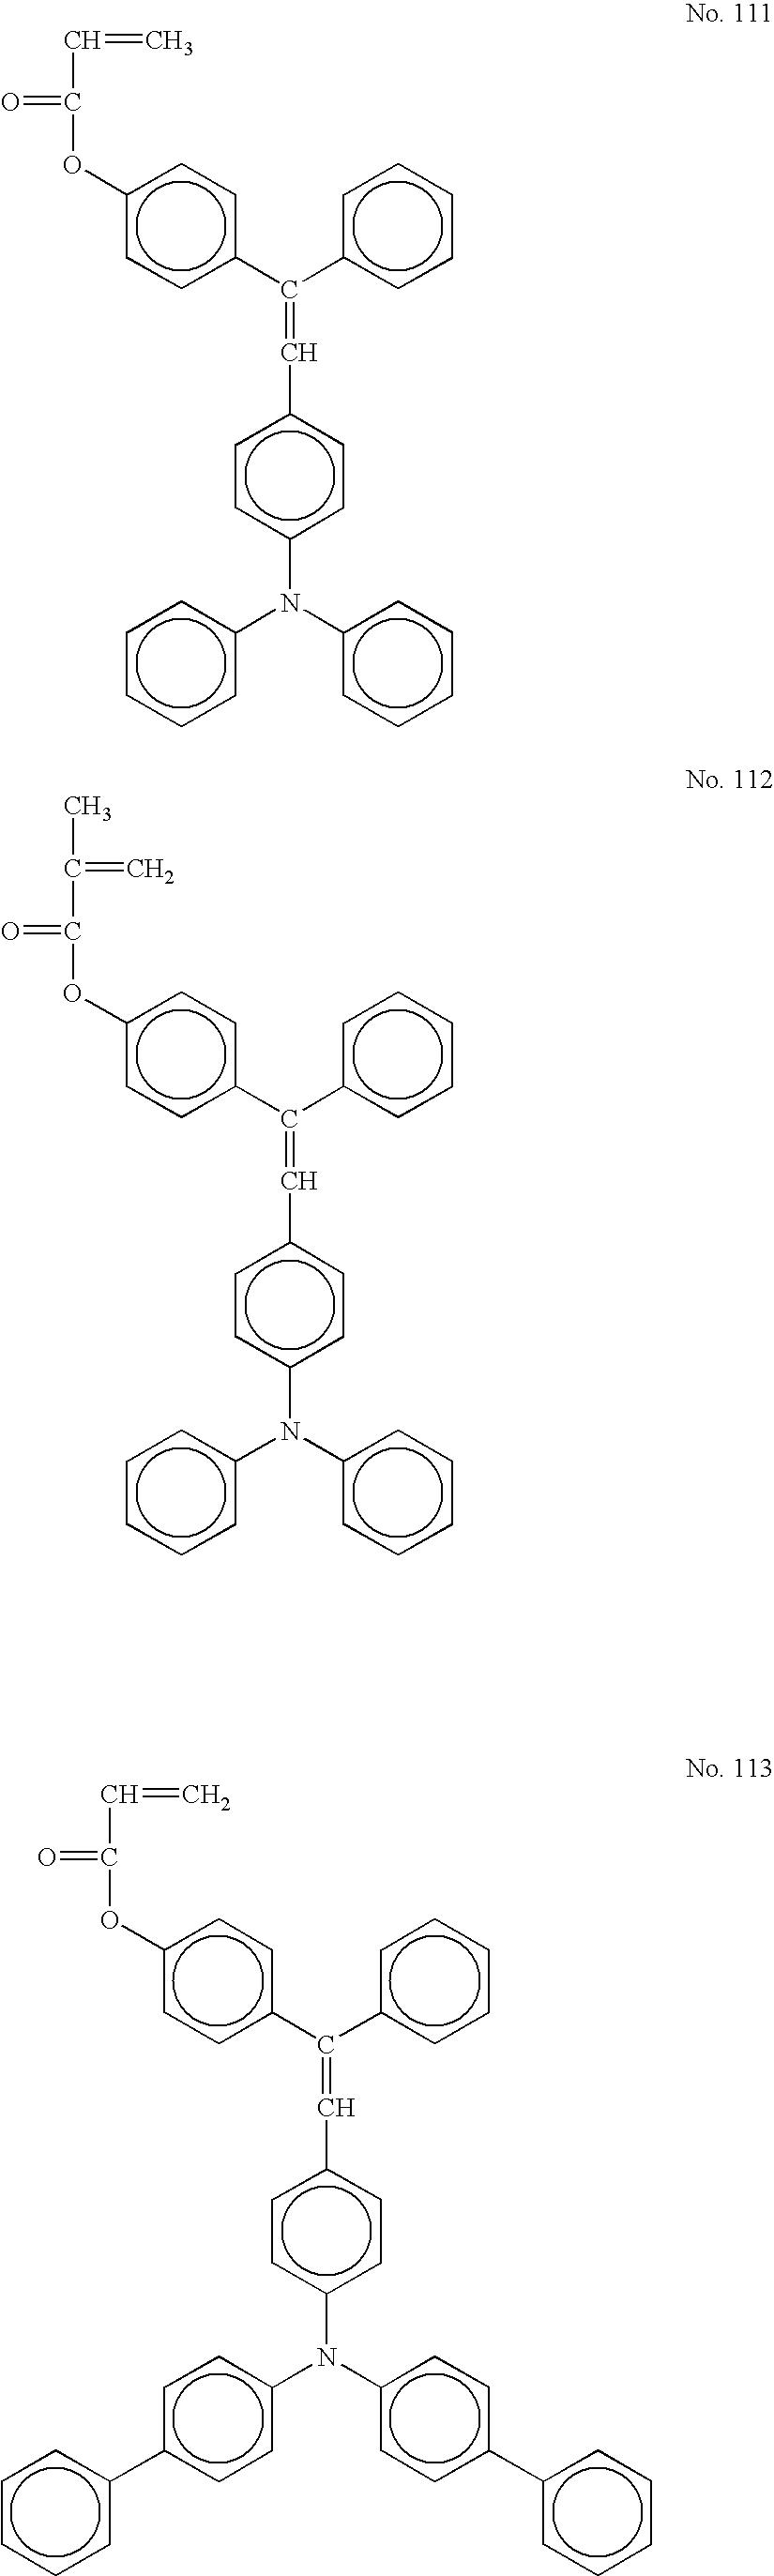 Figure US20060177749A1-20060810-C00056